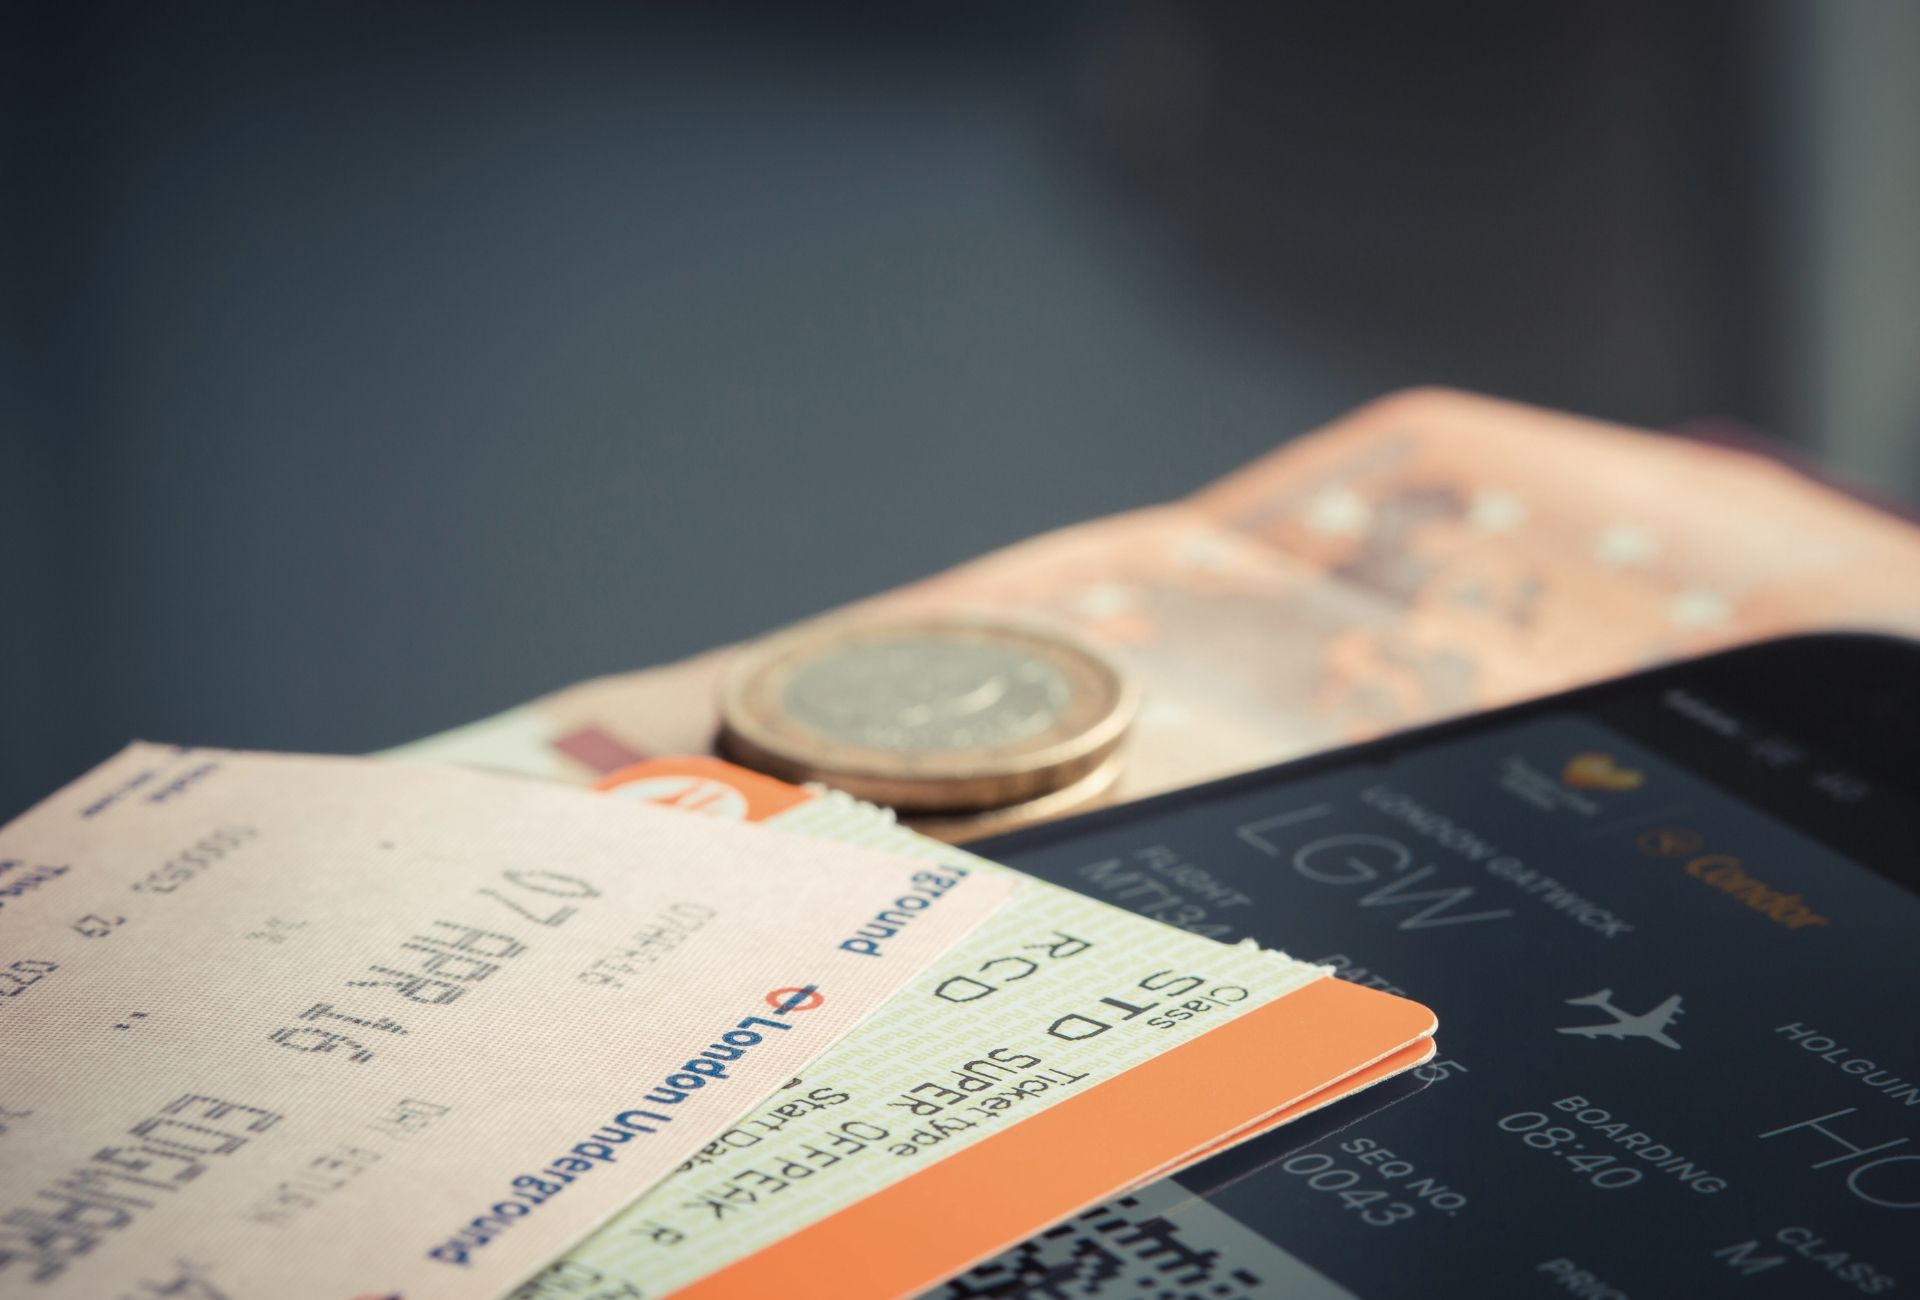 Bilhete de passagem aérea, celular e dinheiro